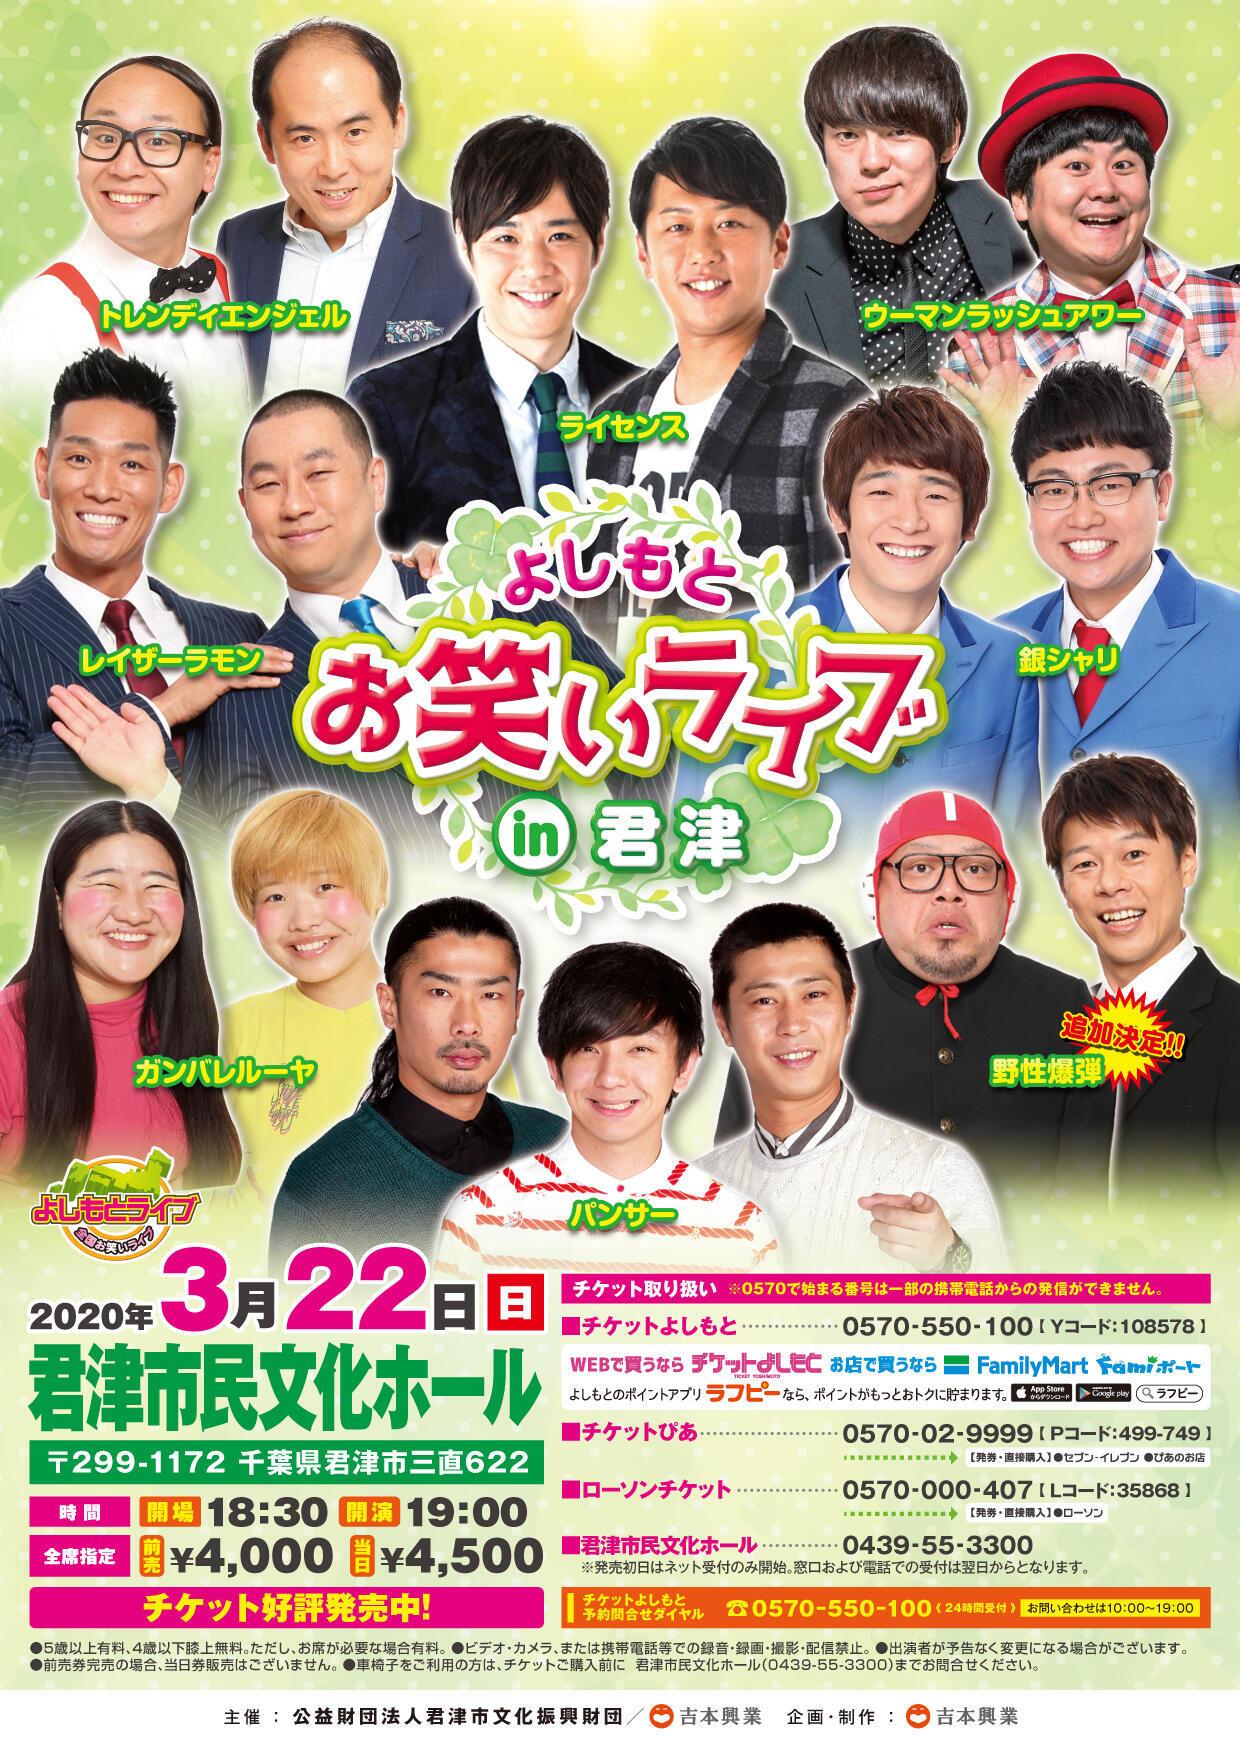 http://www.syumatsu.jp/20200124123530-8a0dfde3a98a40e304a46c9e4144b89ca0aa5ab0.jpg